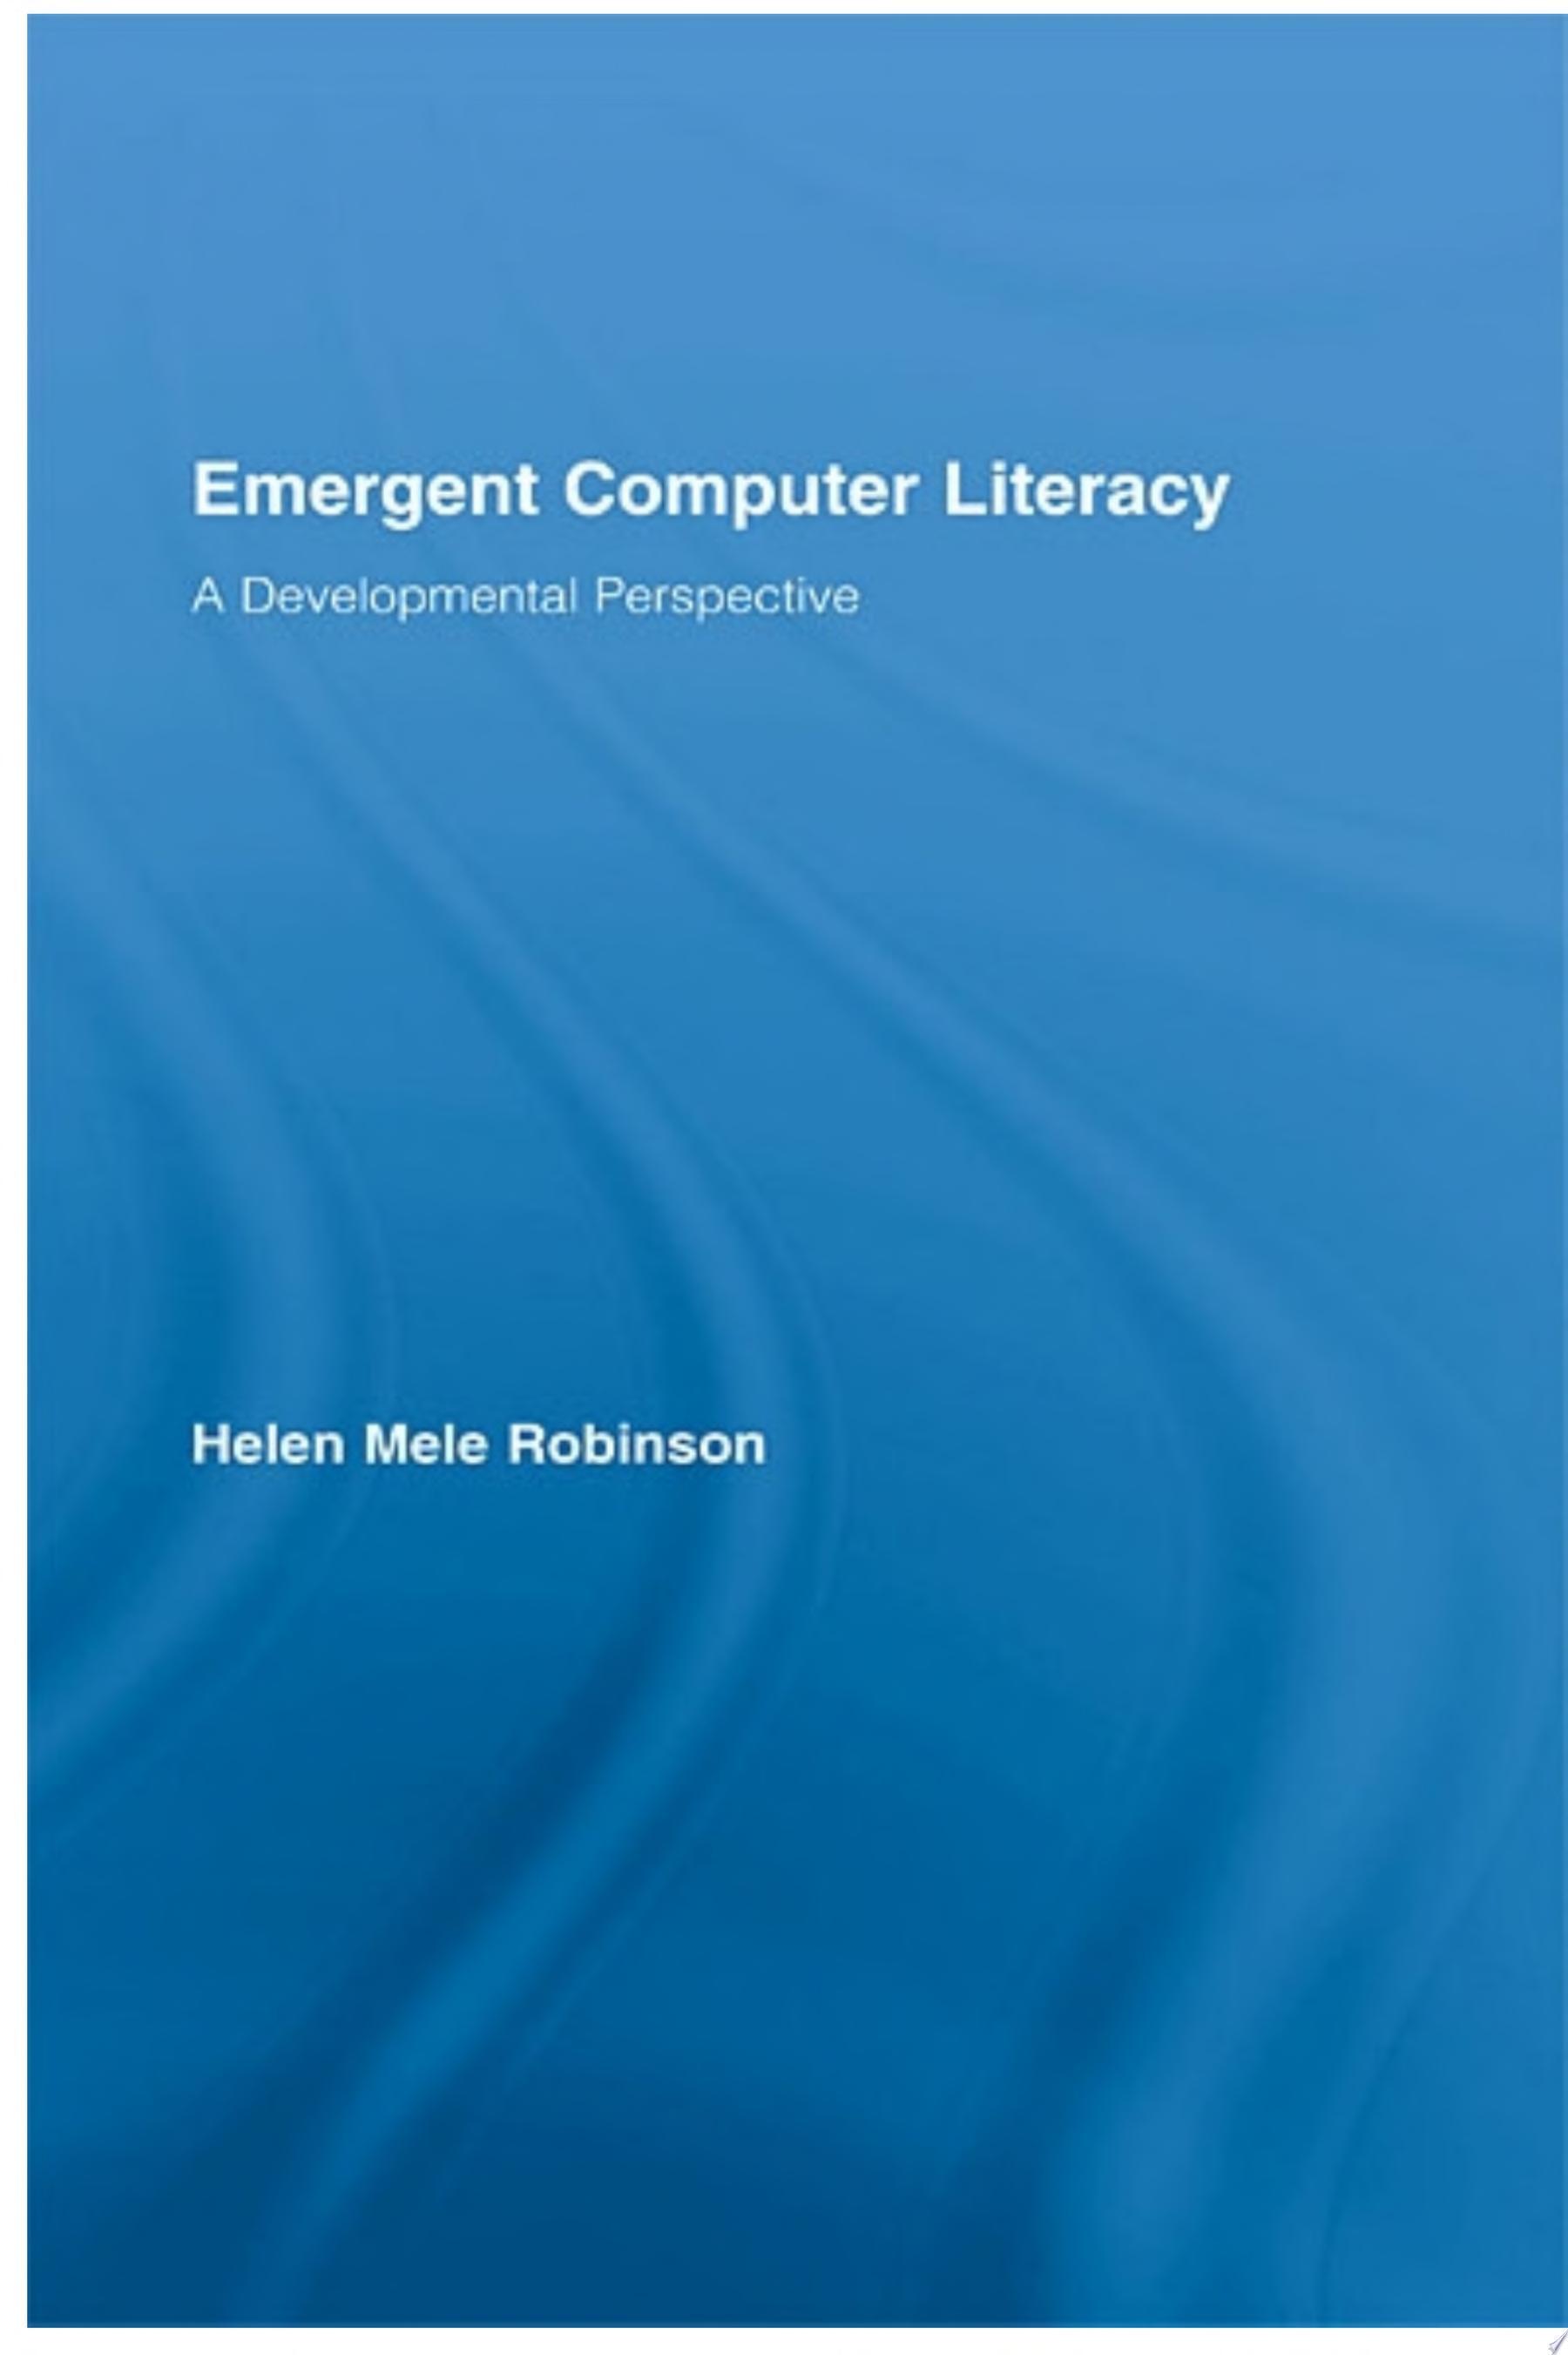 Emergent Computer Literacy